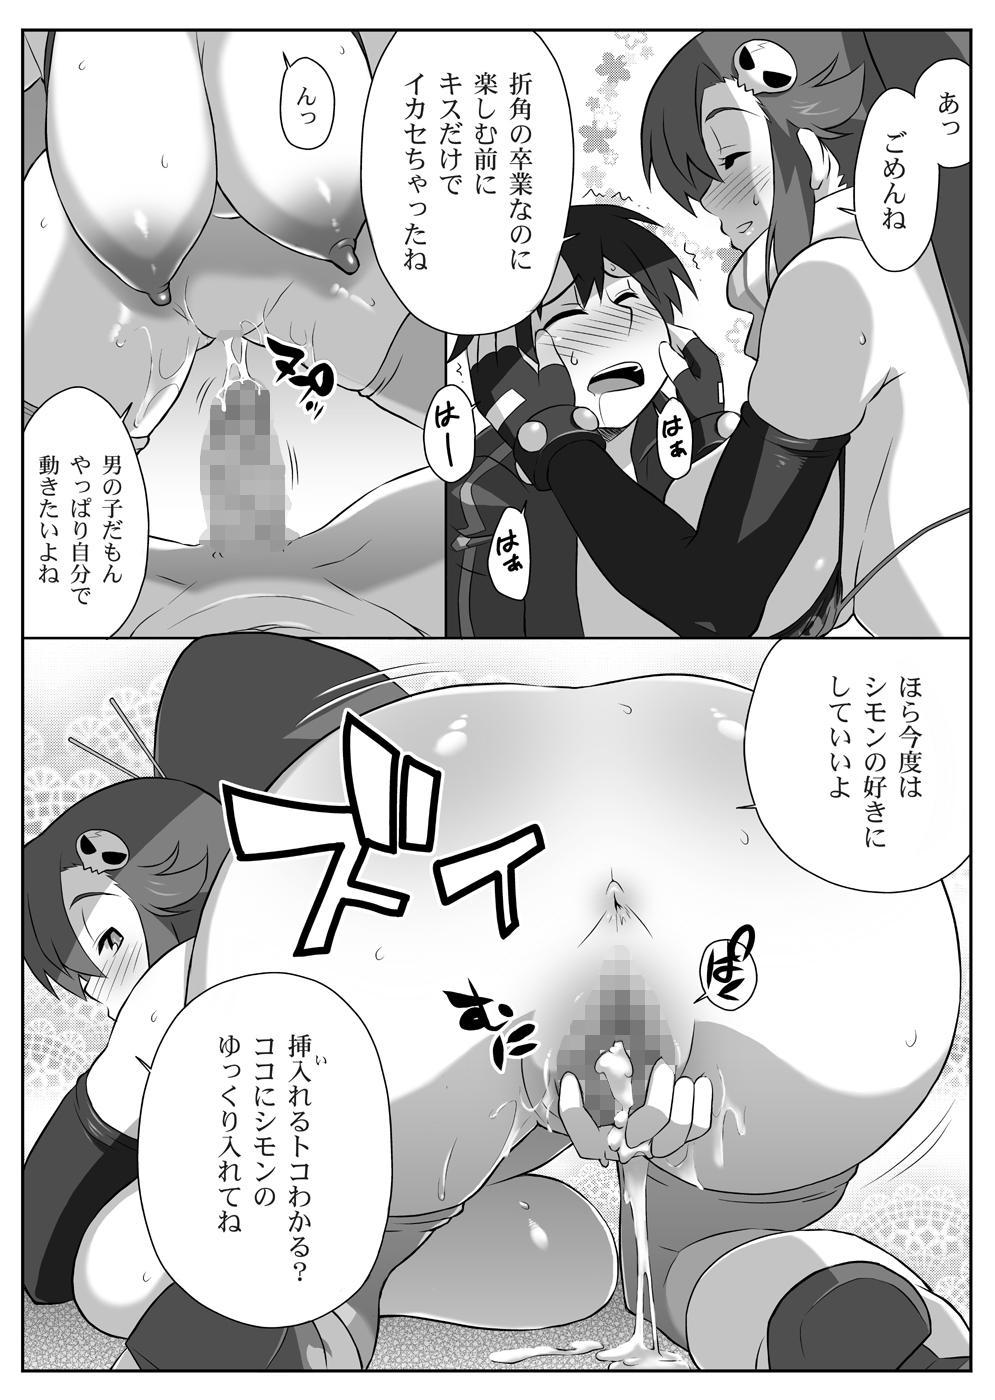 Bishoujo Sniper Yoko-san no ☆☆ 52